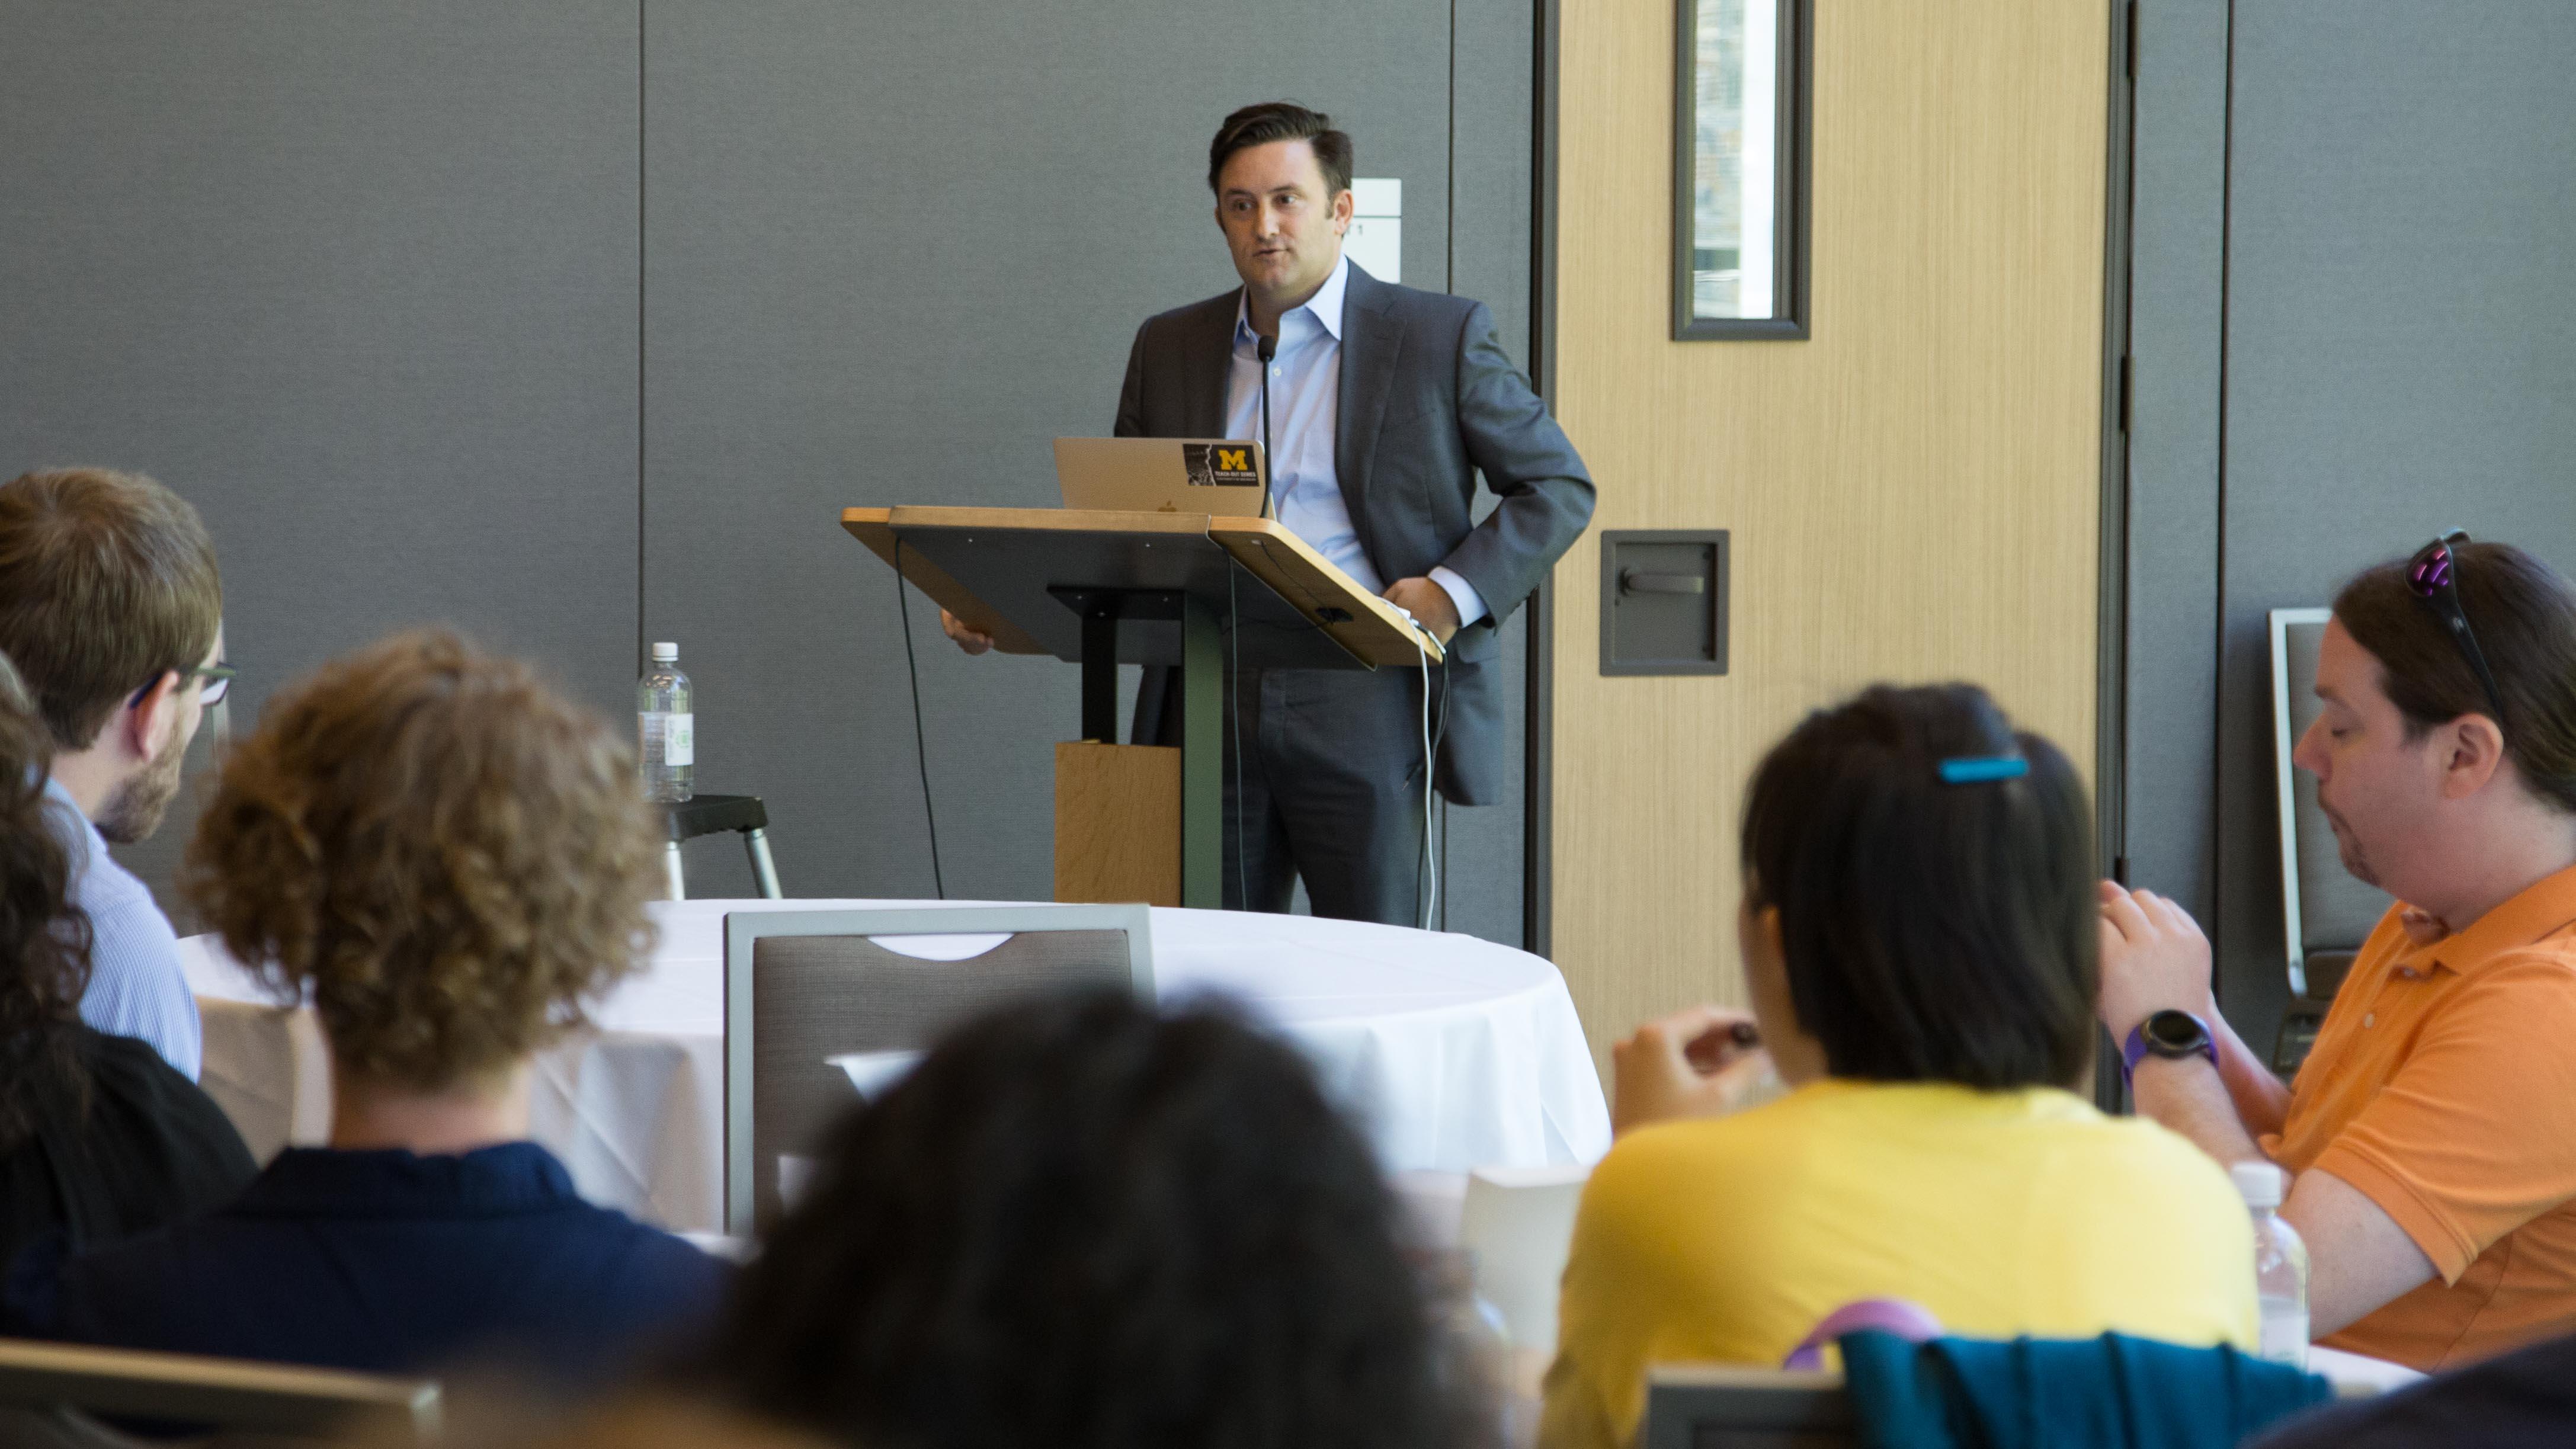 James DeVaney speaking at Duke